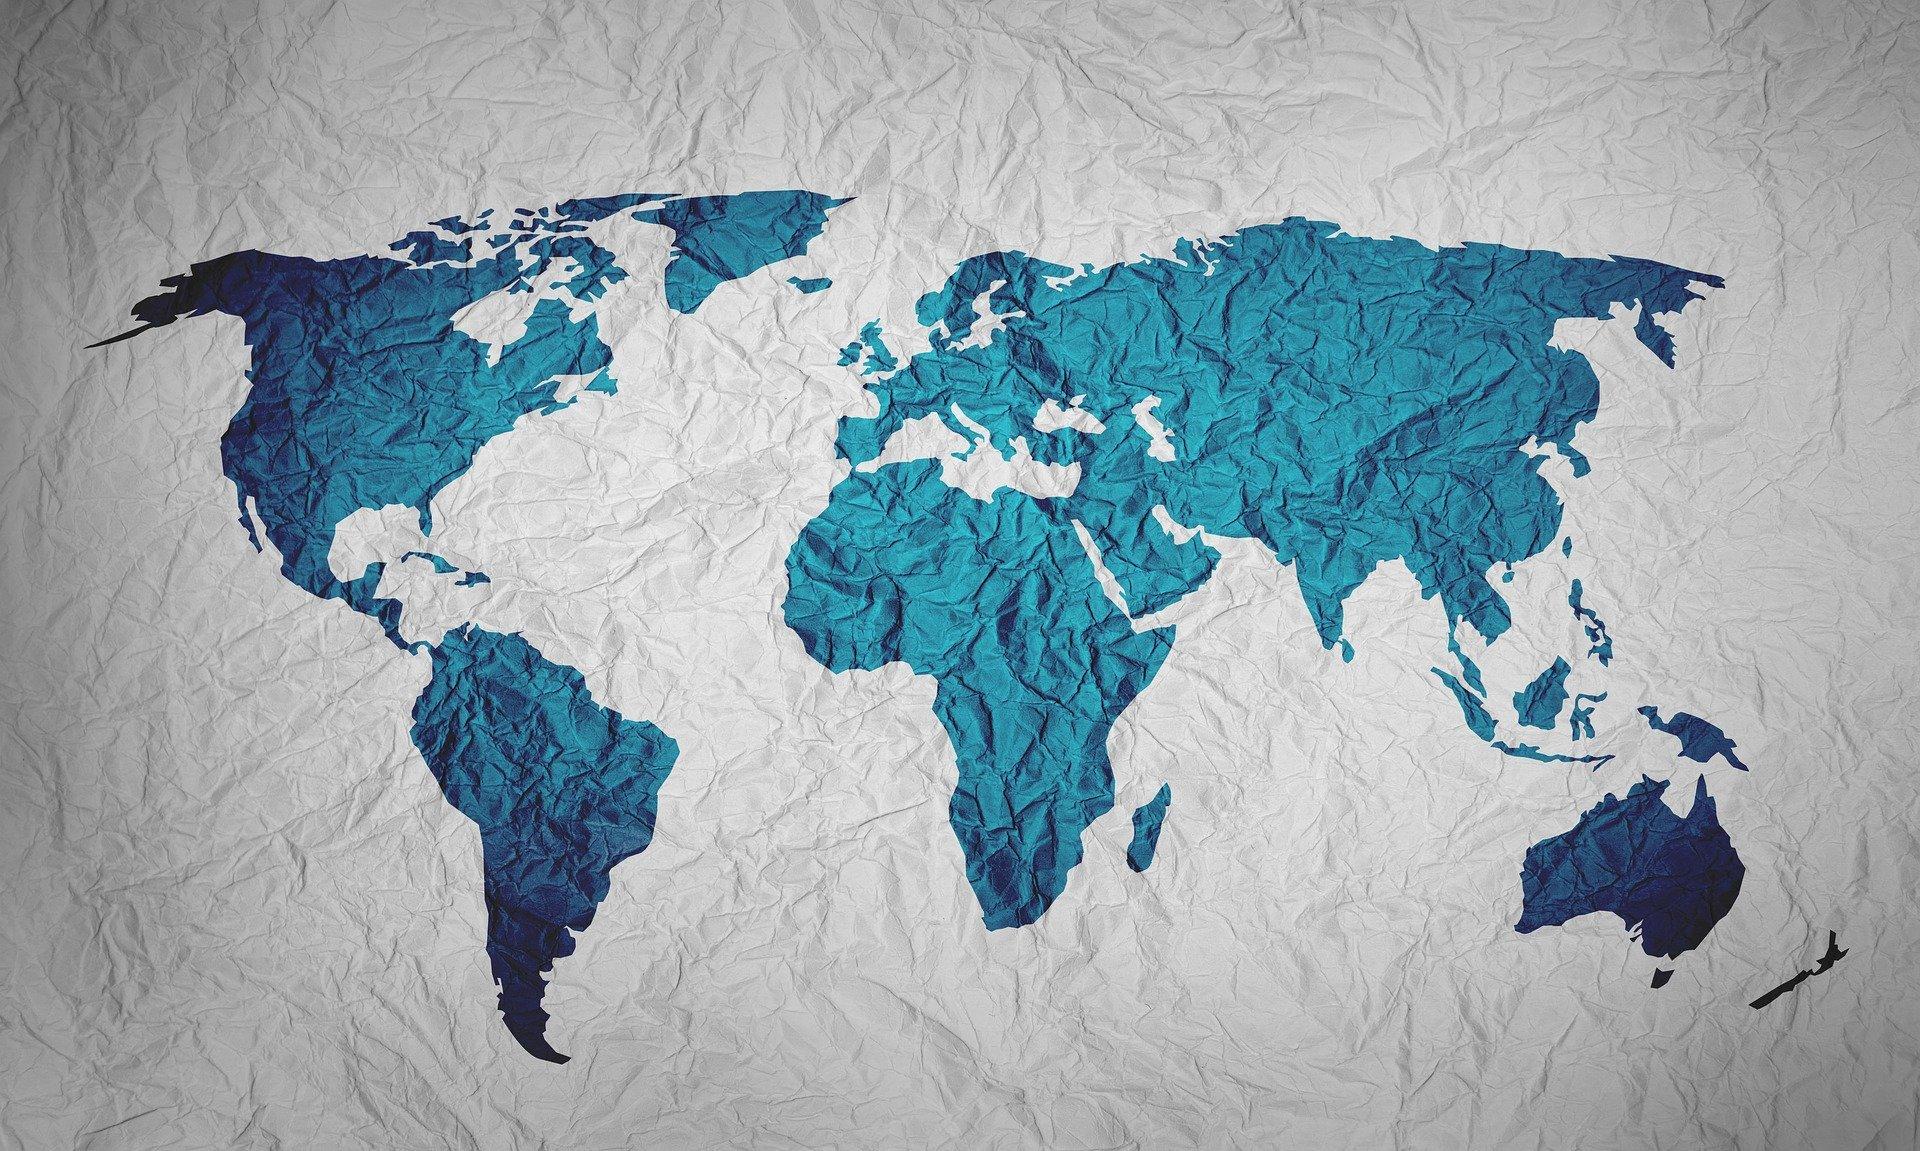 ¿A qué países se puede viajar? Mapa actualizado en real time